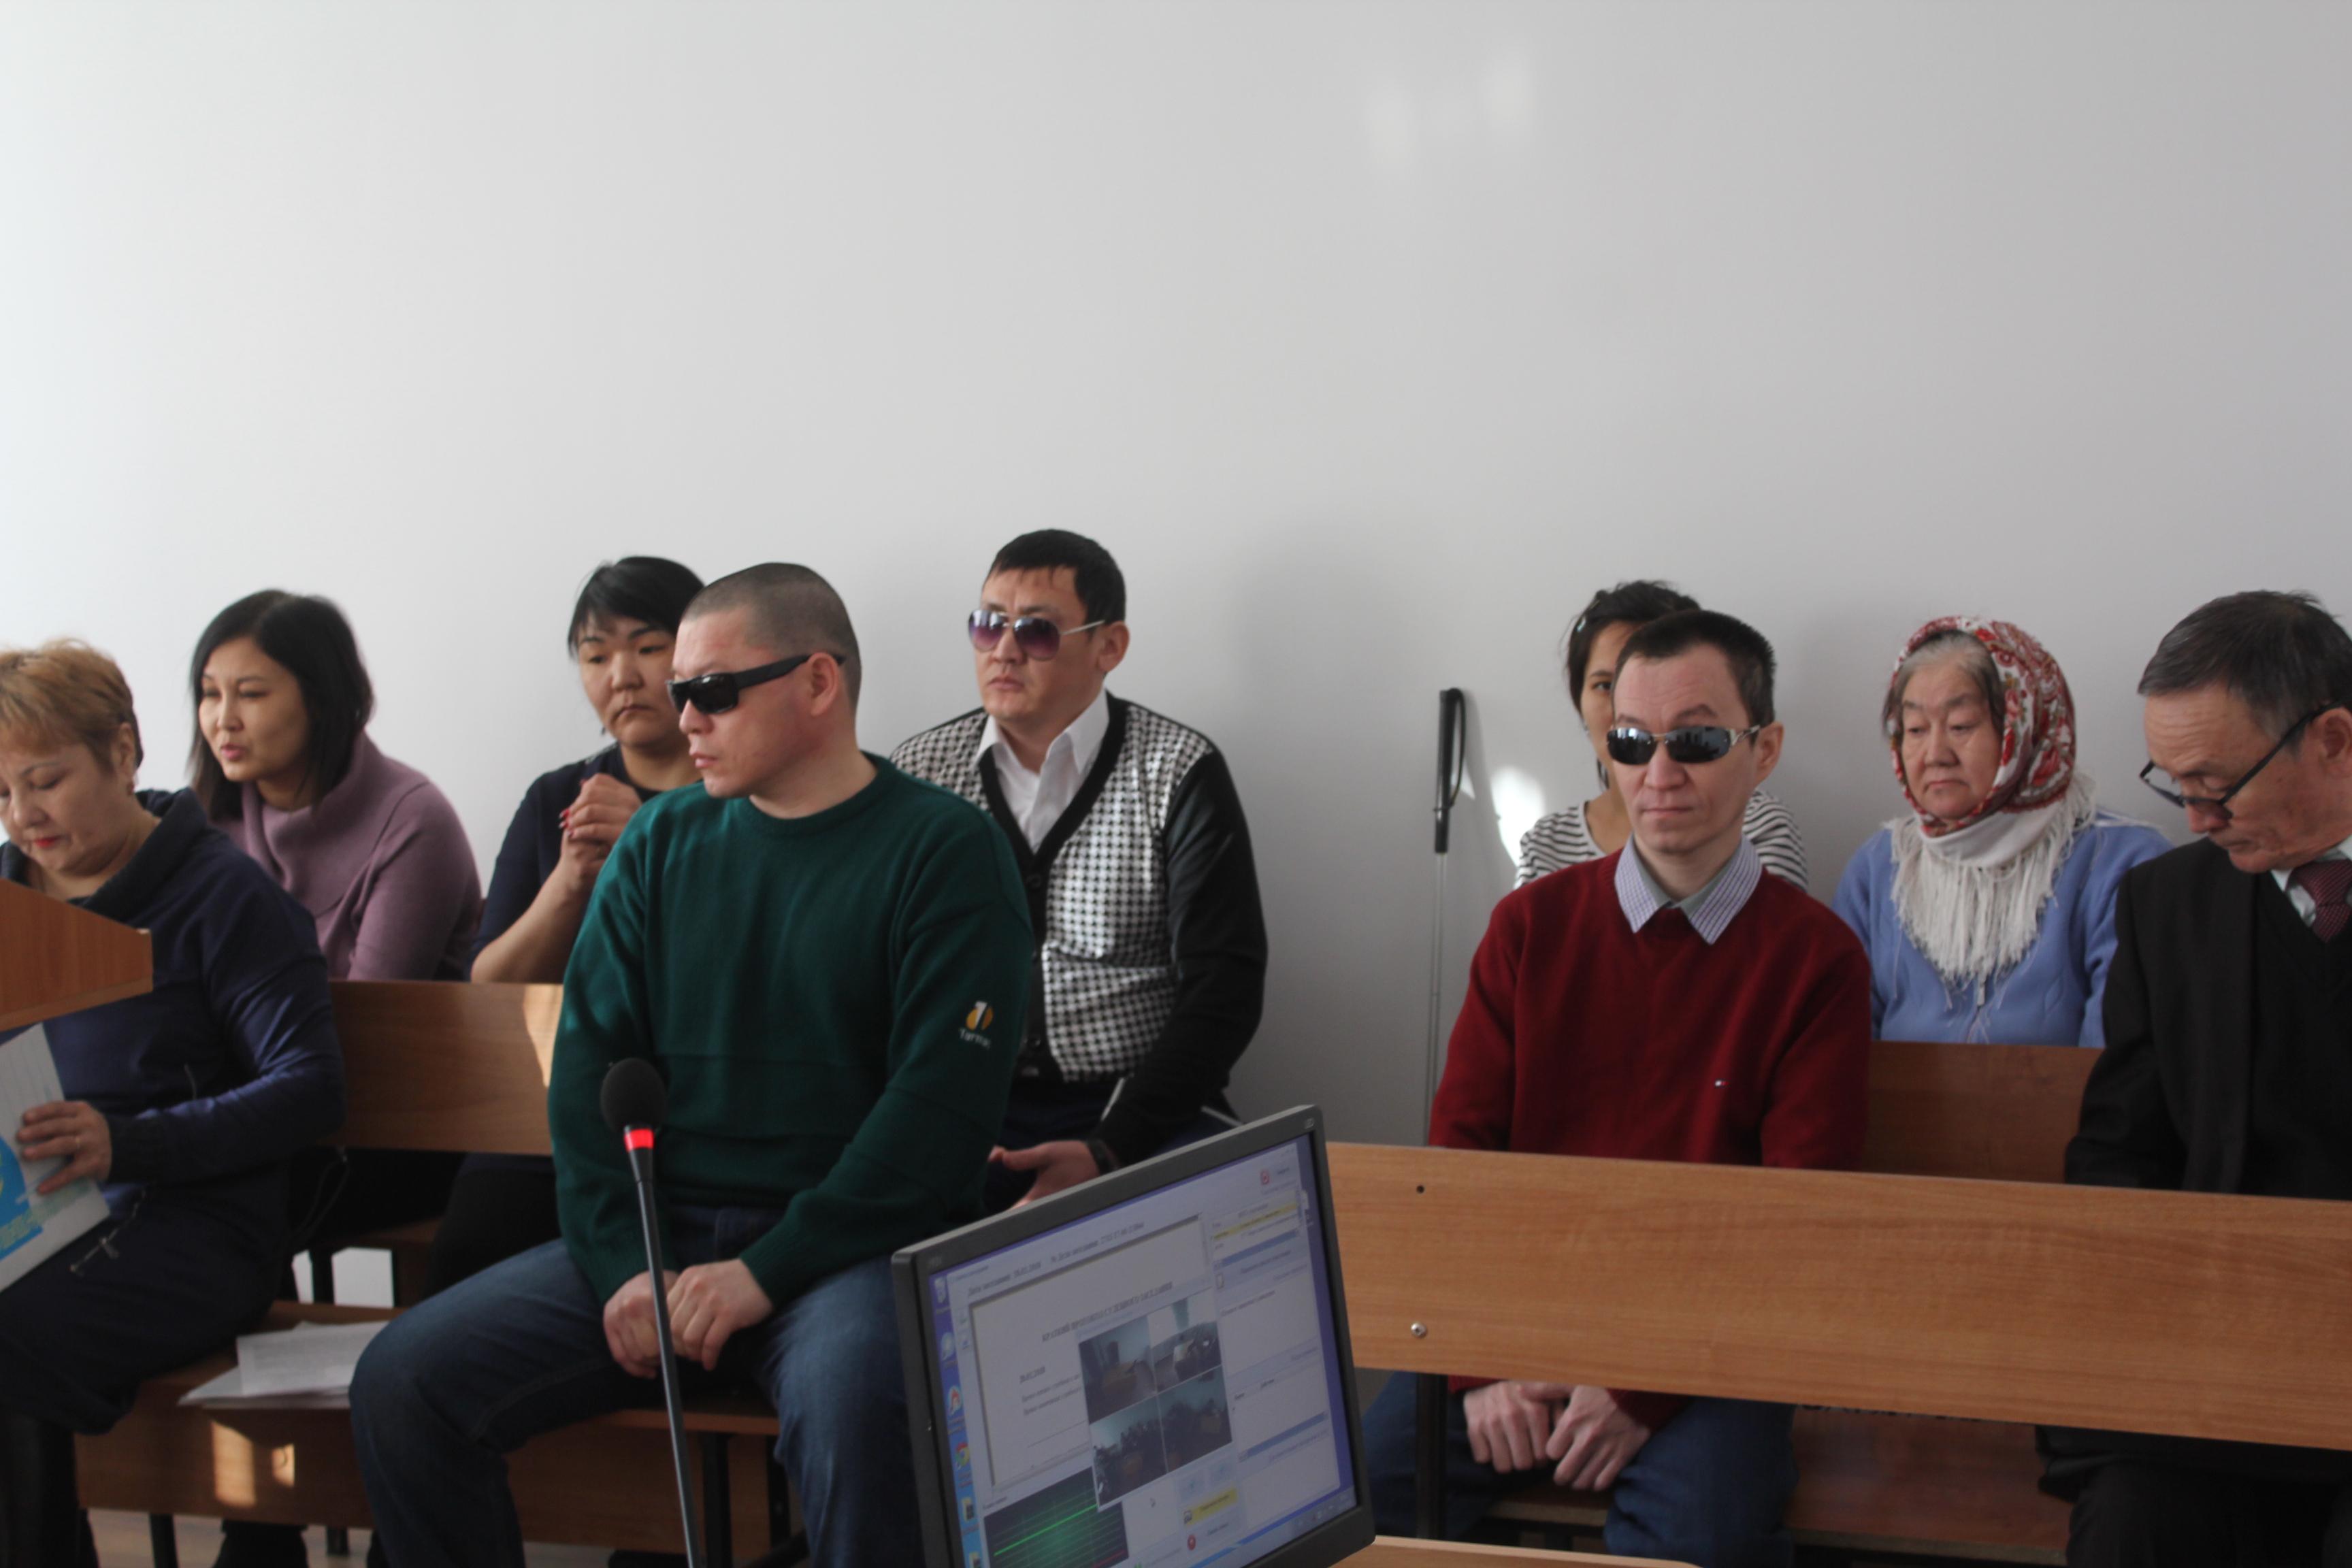 Инвалиды общества слепых из Уральска планируют переизбрать председателя